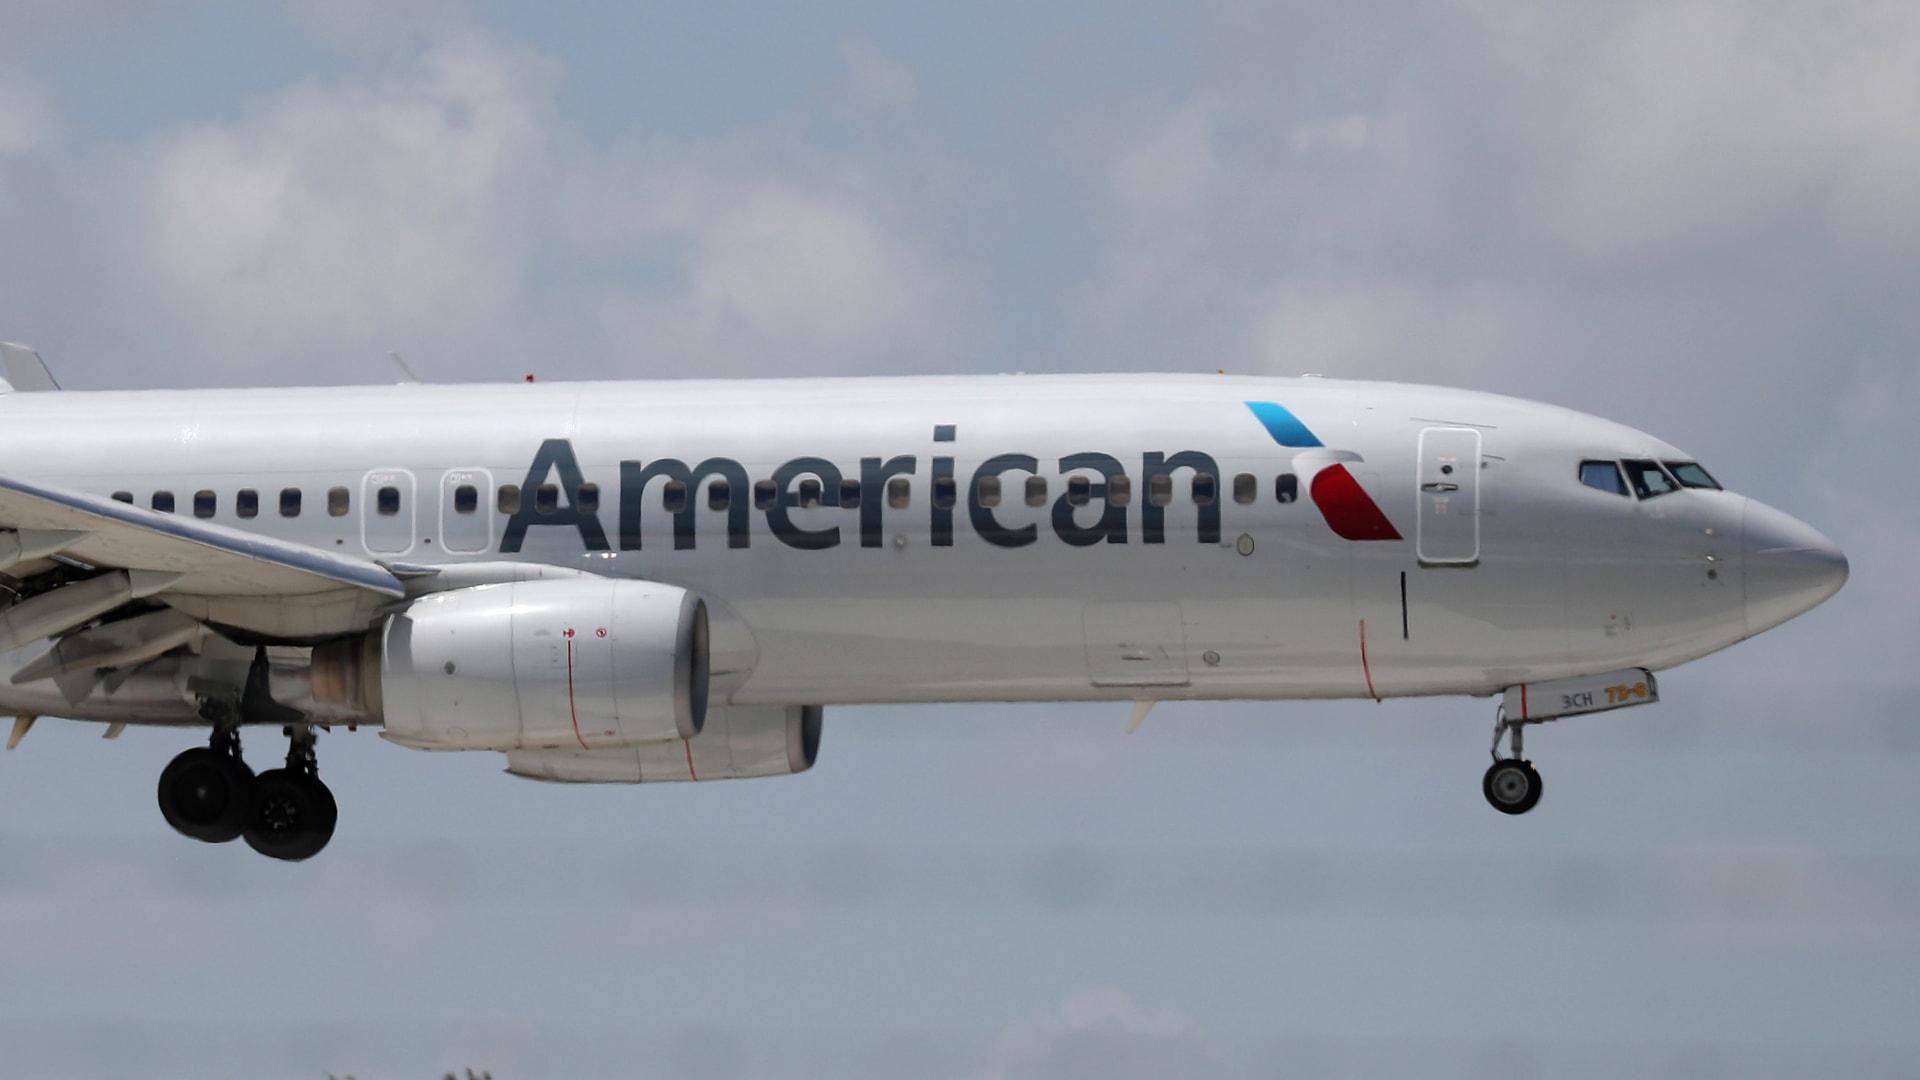 رئيس دلتا التنفيذي: قطاع الطيران سيصبح أصغر بشكل دائم بعد أزمة فيروس كورونا